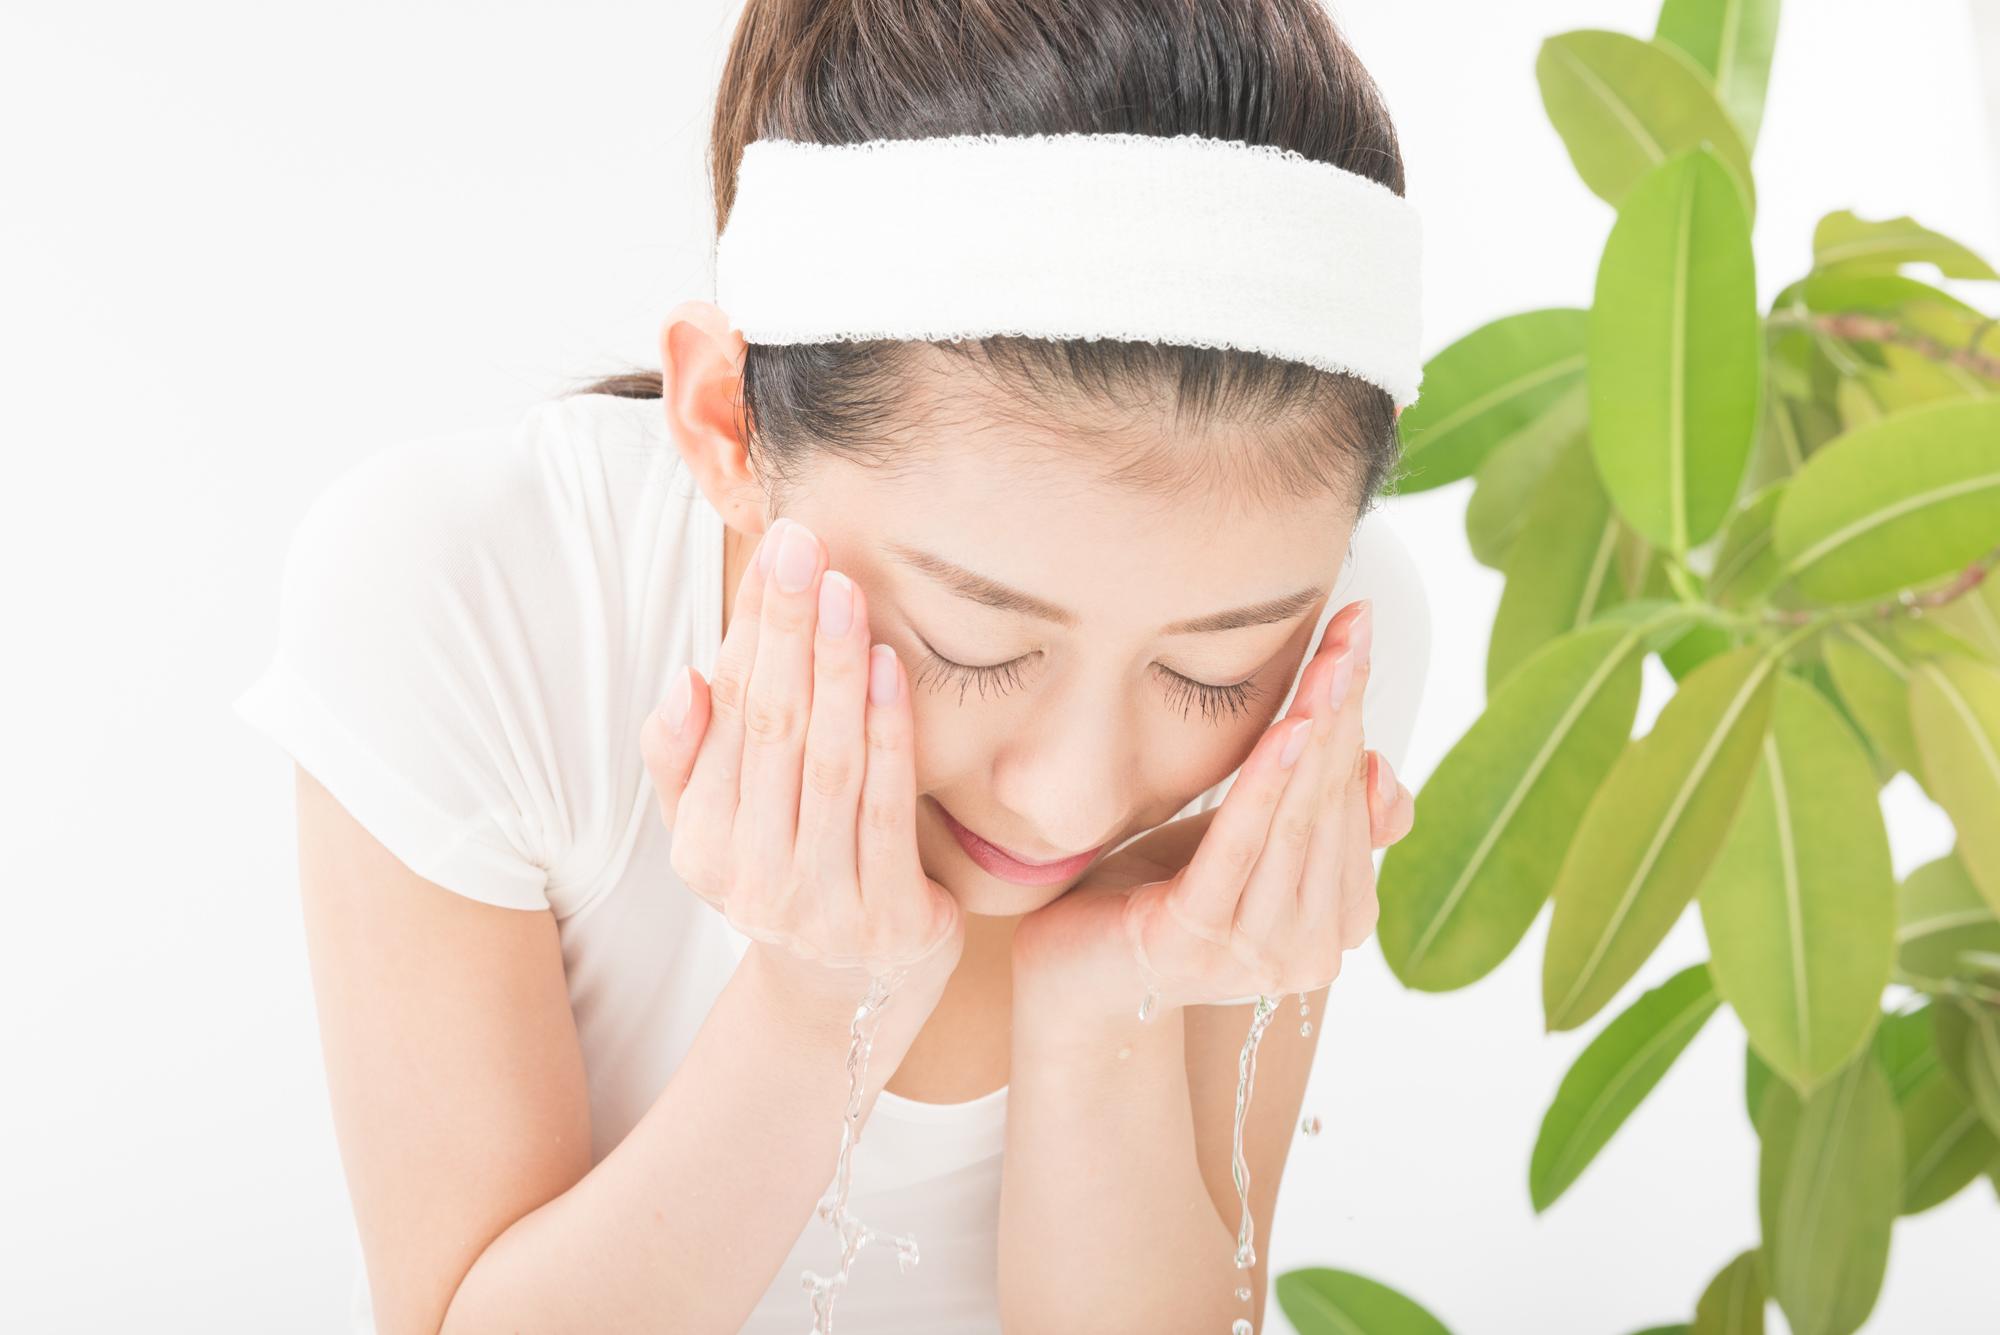 【医師監修】顔の乾燥を解消し、素肌美人になりたい! デリケートな顔の肌を潤す秘訣とは